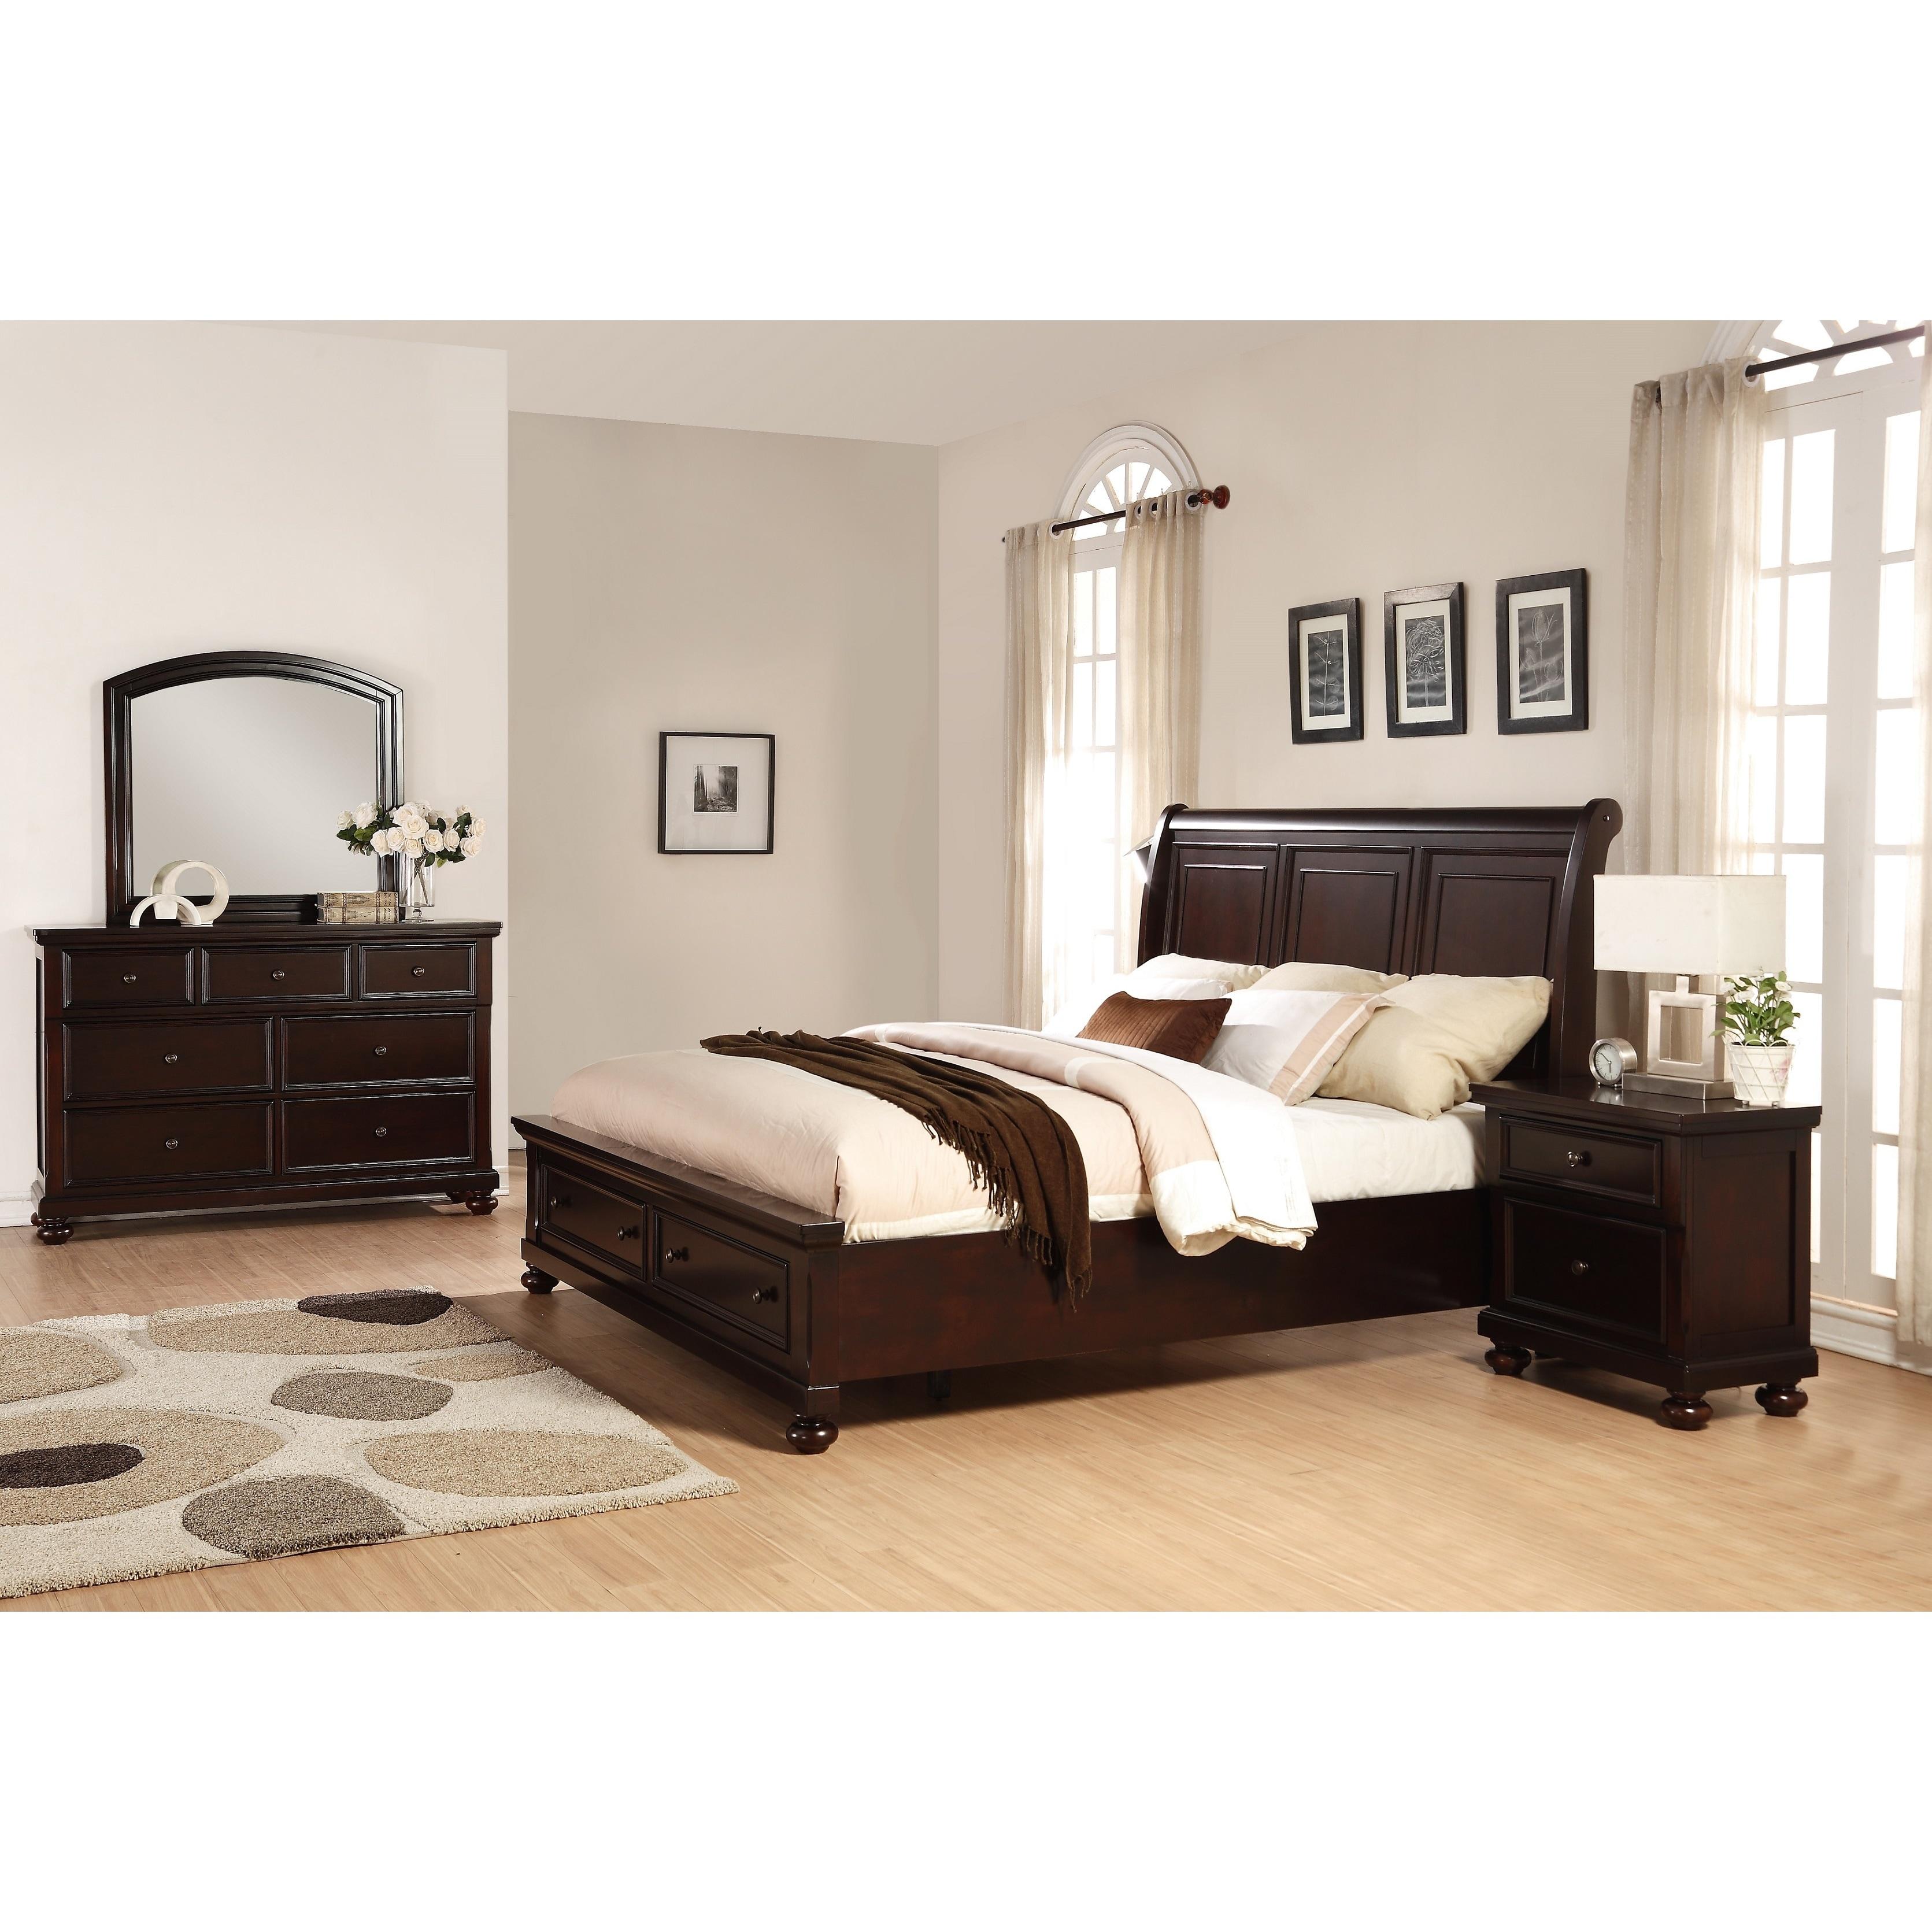 Brishland Rustic Cherry Storage 4-Piece Queen Size Bedroom Set